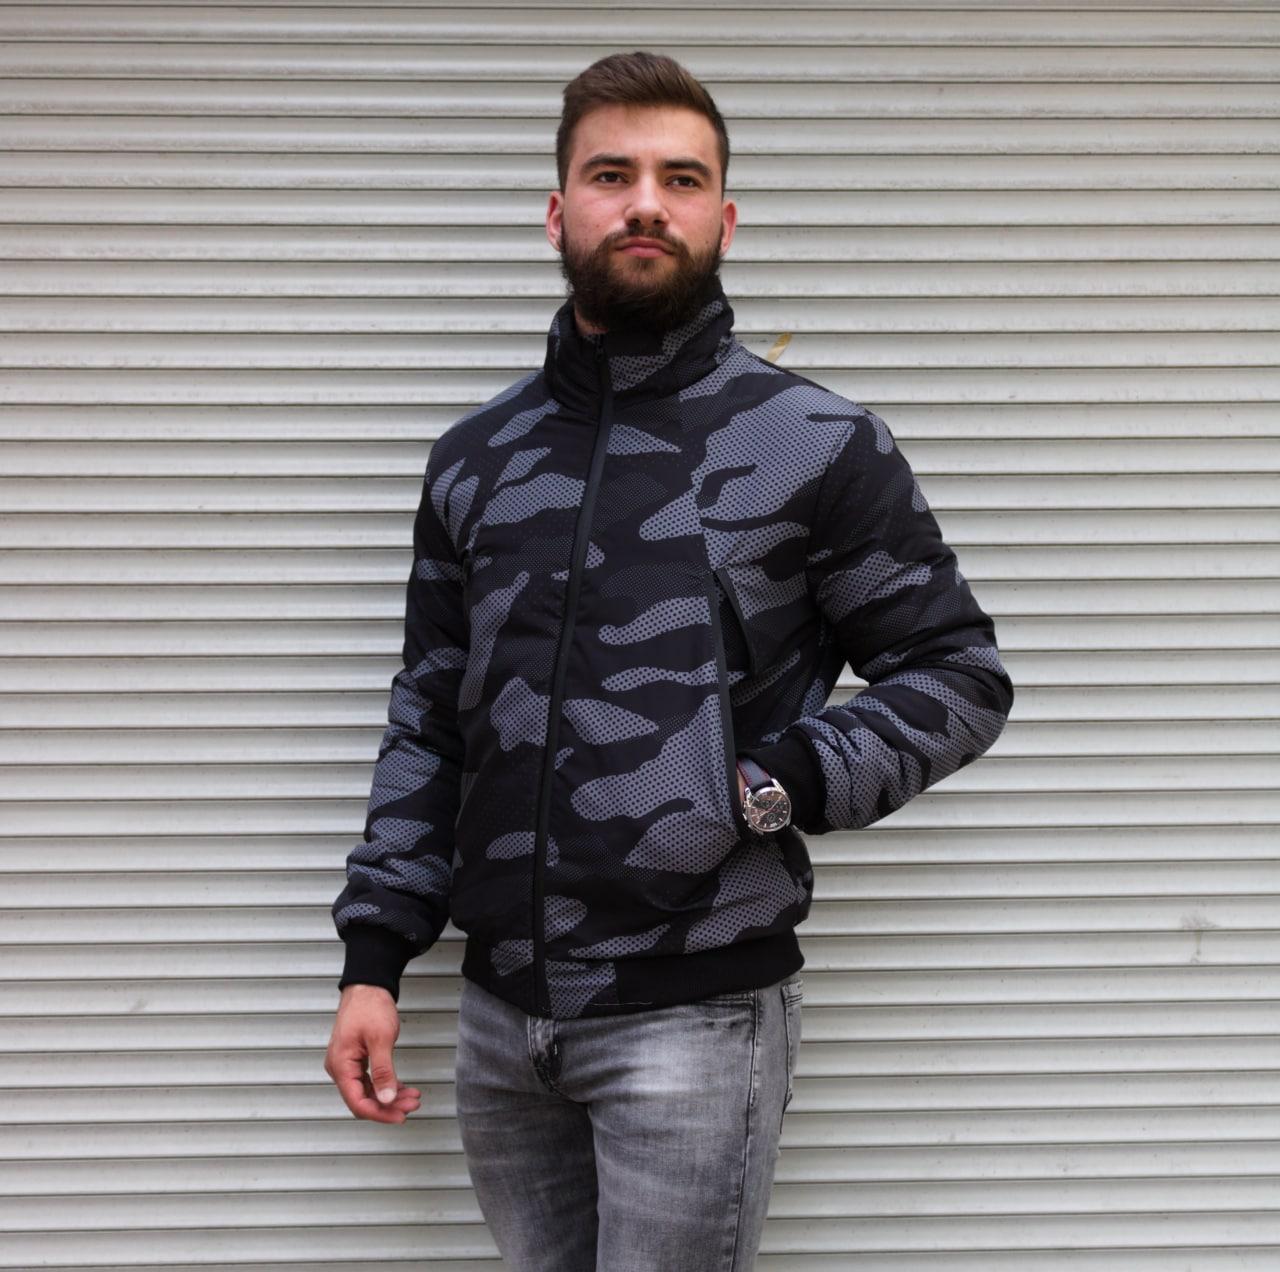 Чоловіча куртка утеплена бомбер камуфляж